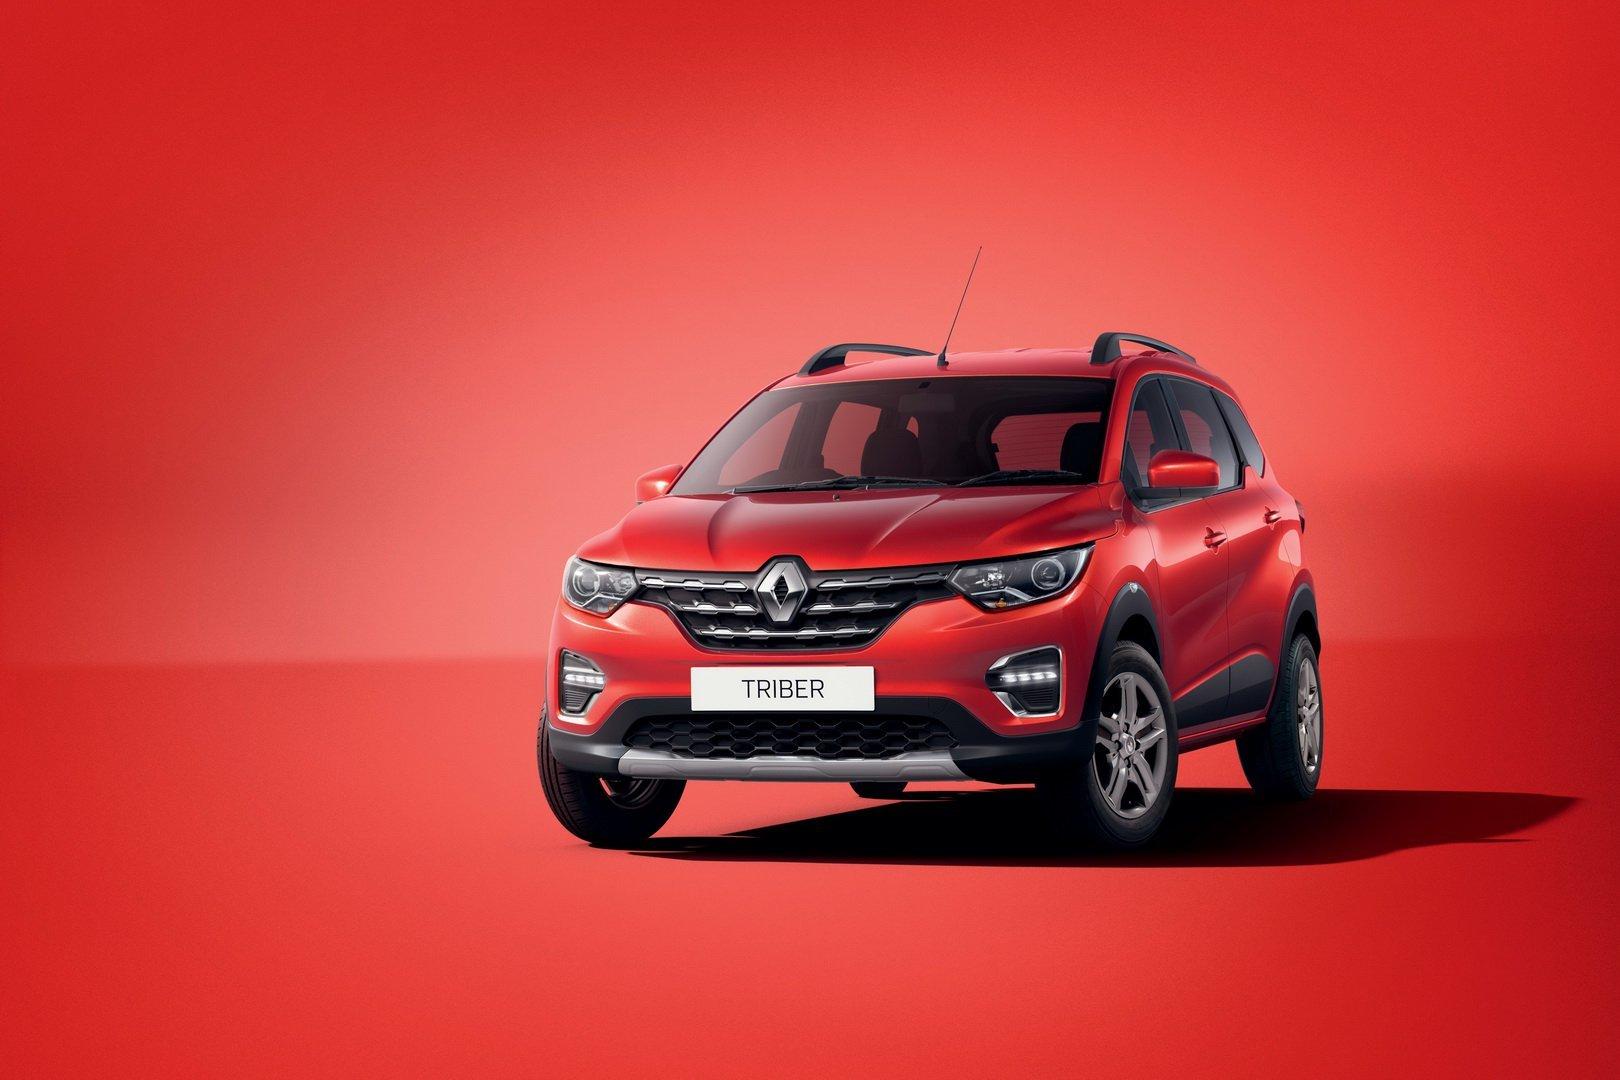 Renault má nové sedmimístné SUV, do Evropy ale asi nedorazí - anotační obrázek